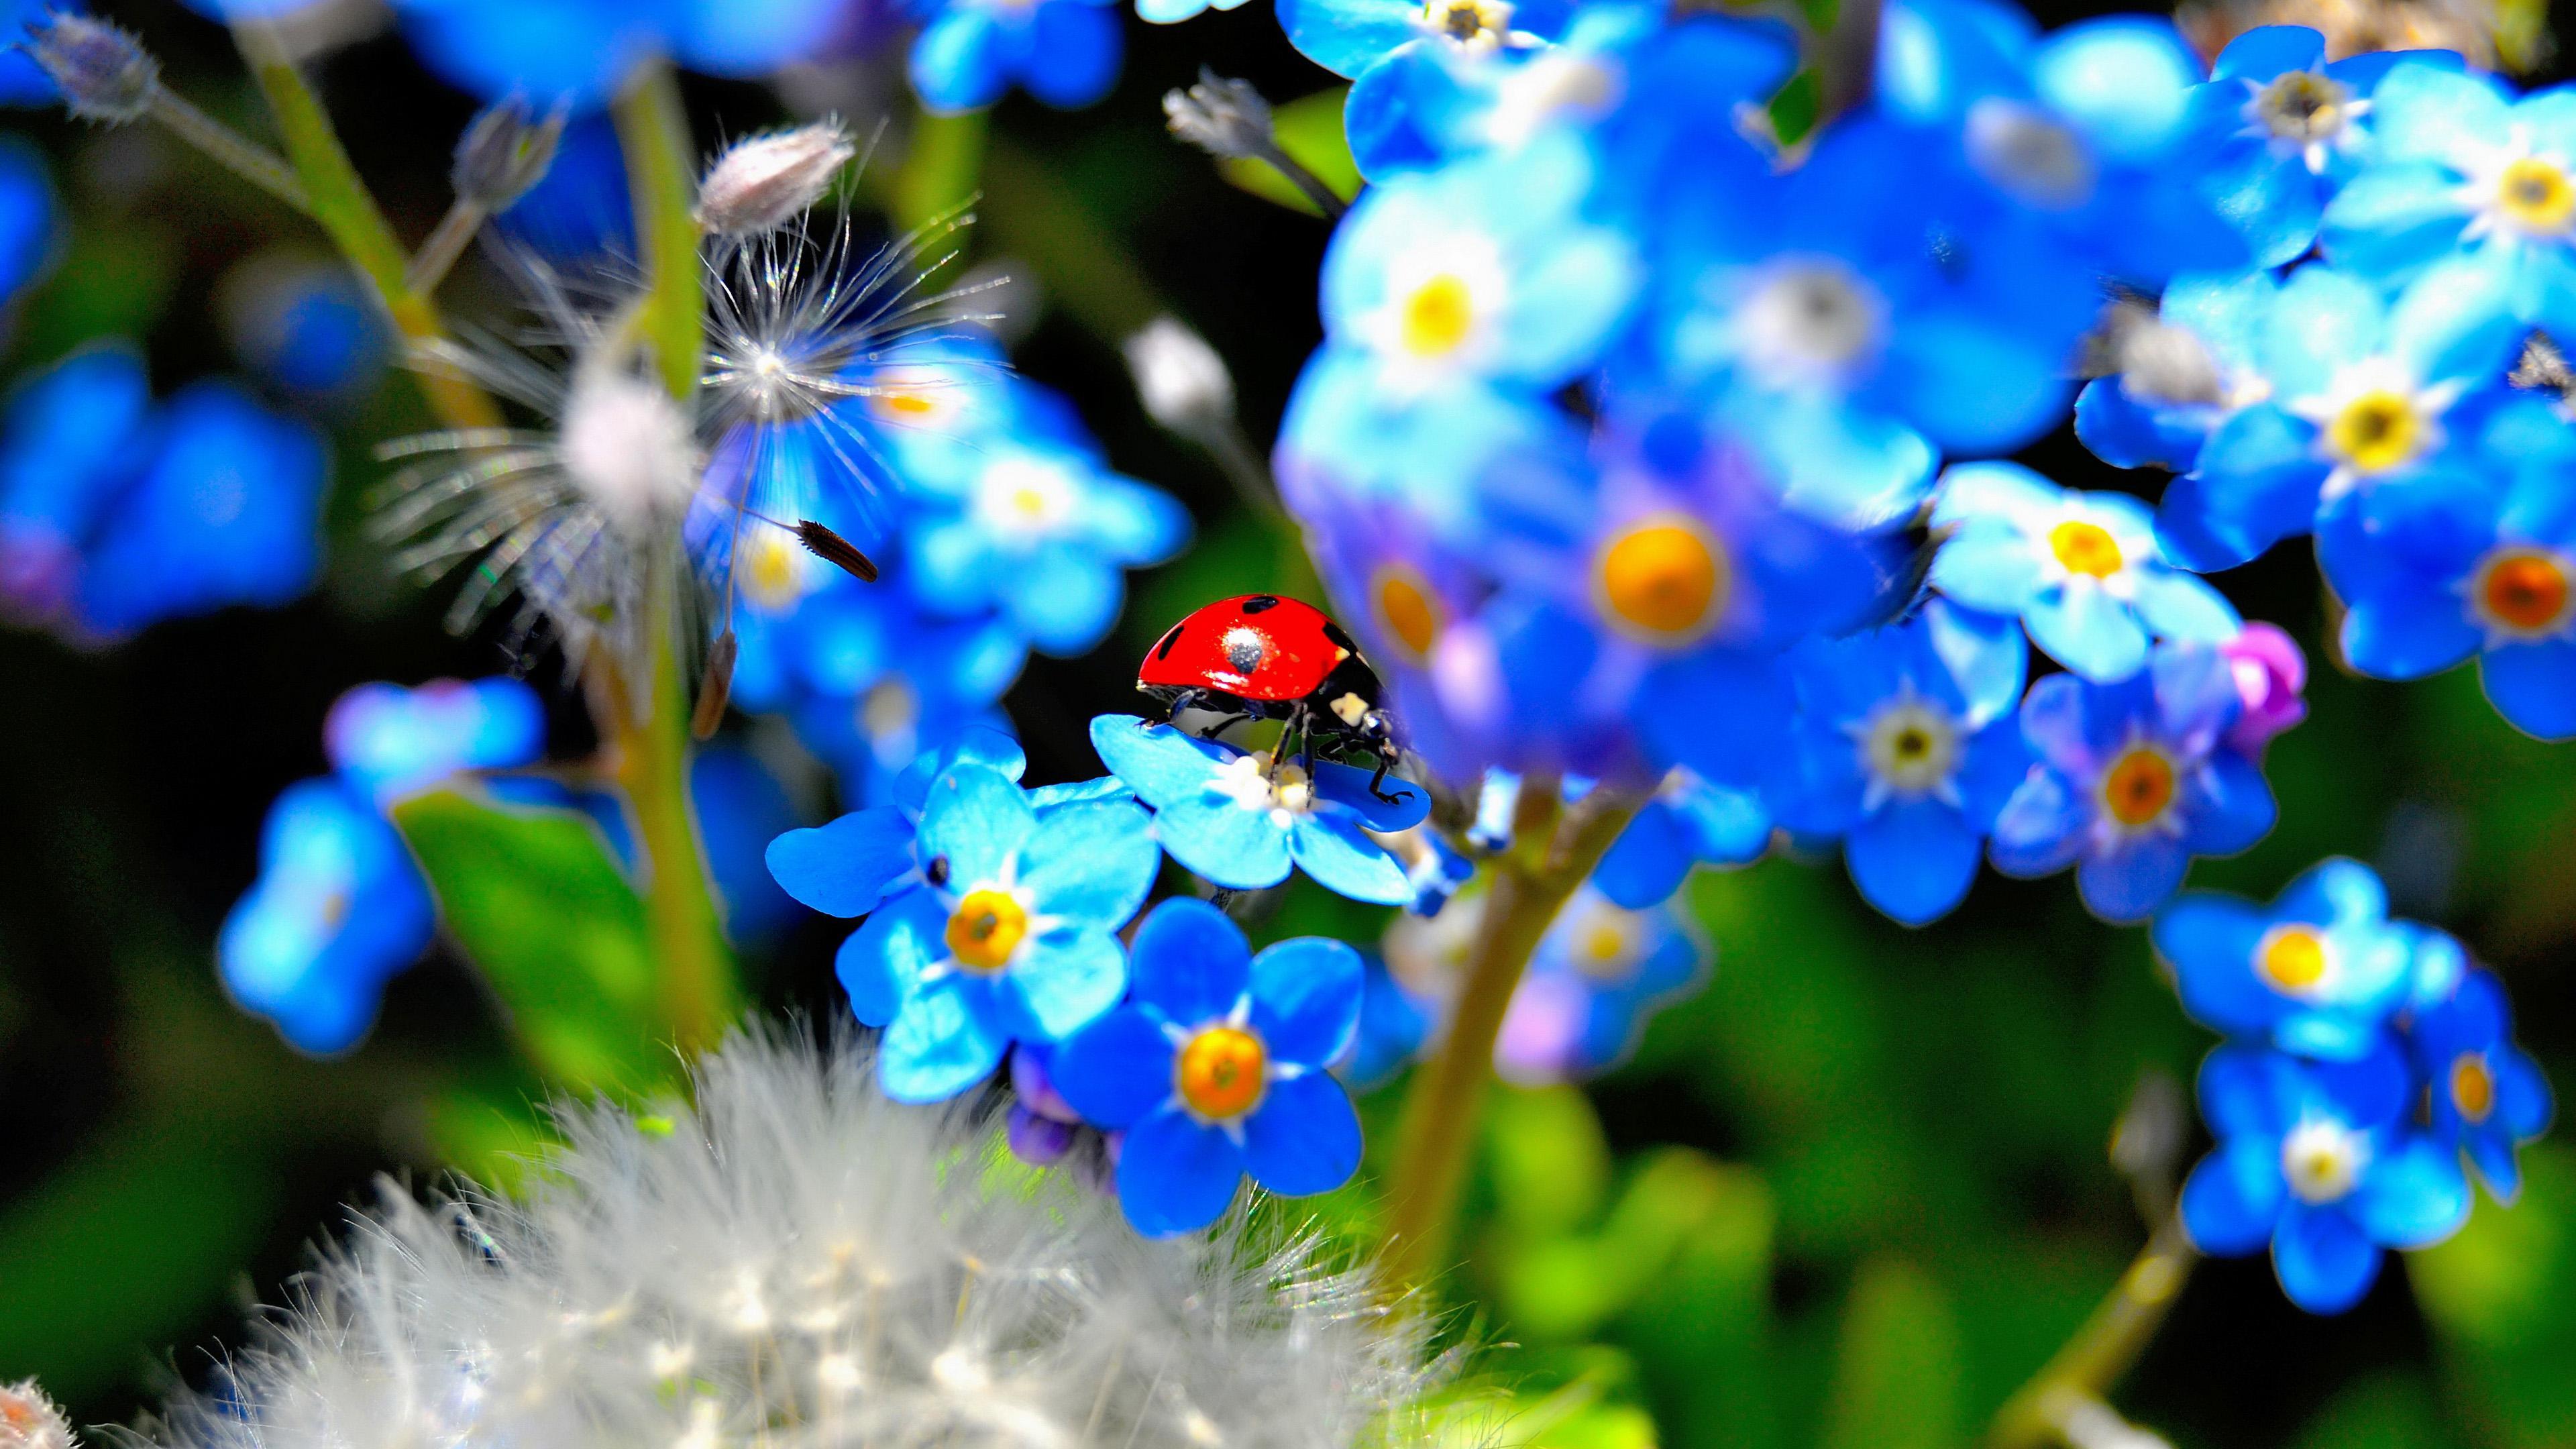 синие цветы незабудки крупный план роса  № 2779645 бесплатно